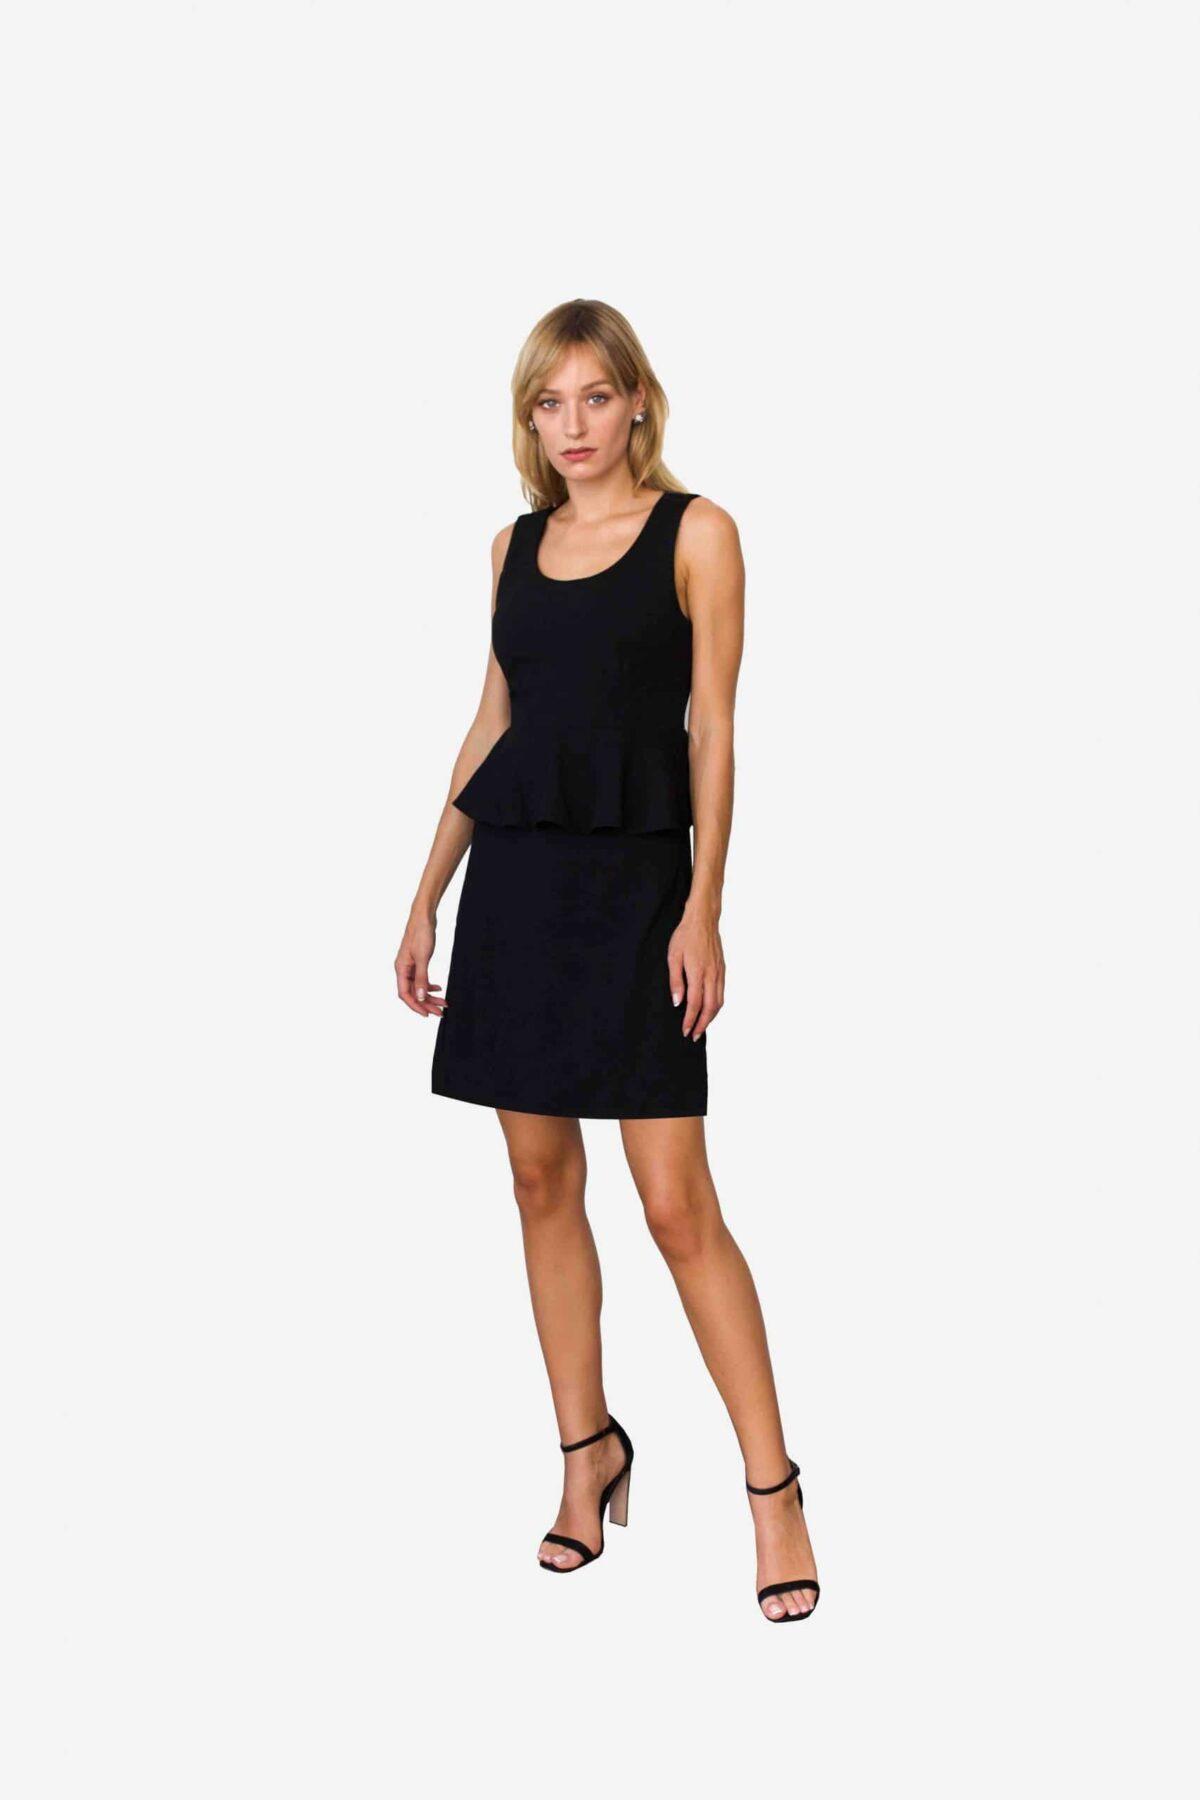 Kleid Sarah von SANOGE. Elegantes Kleines Schwarzes von Deutschem Designer Label. aus schwarzem Premium Jersey. Figurbetont. Mit Volant.